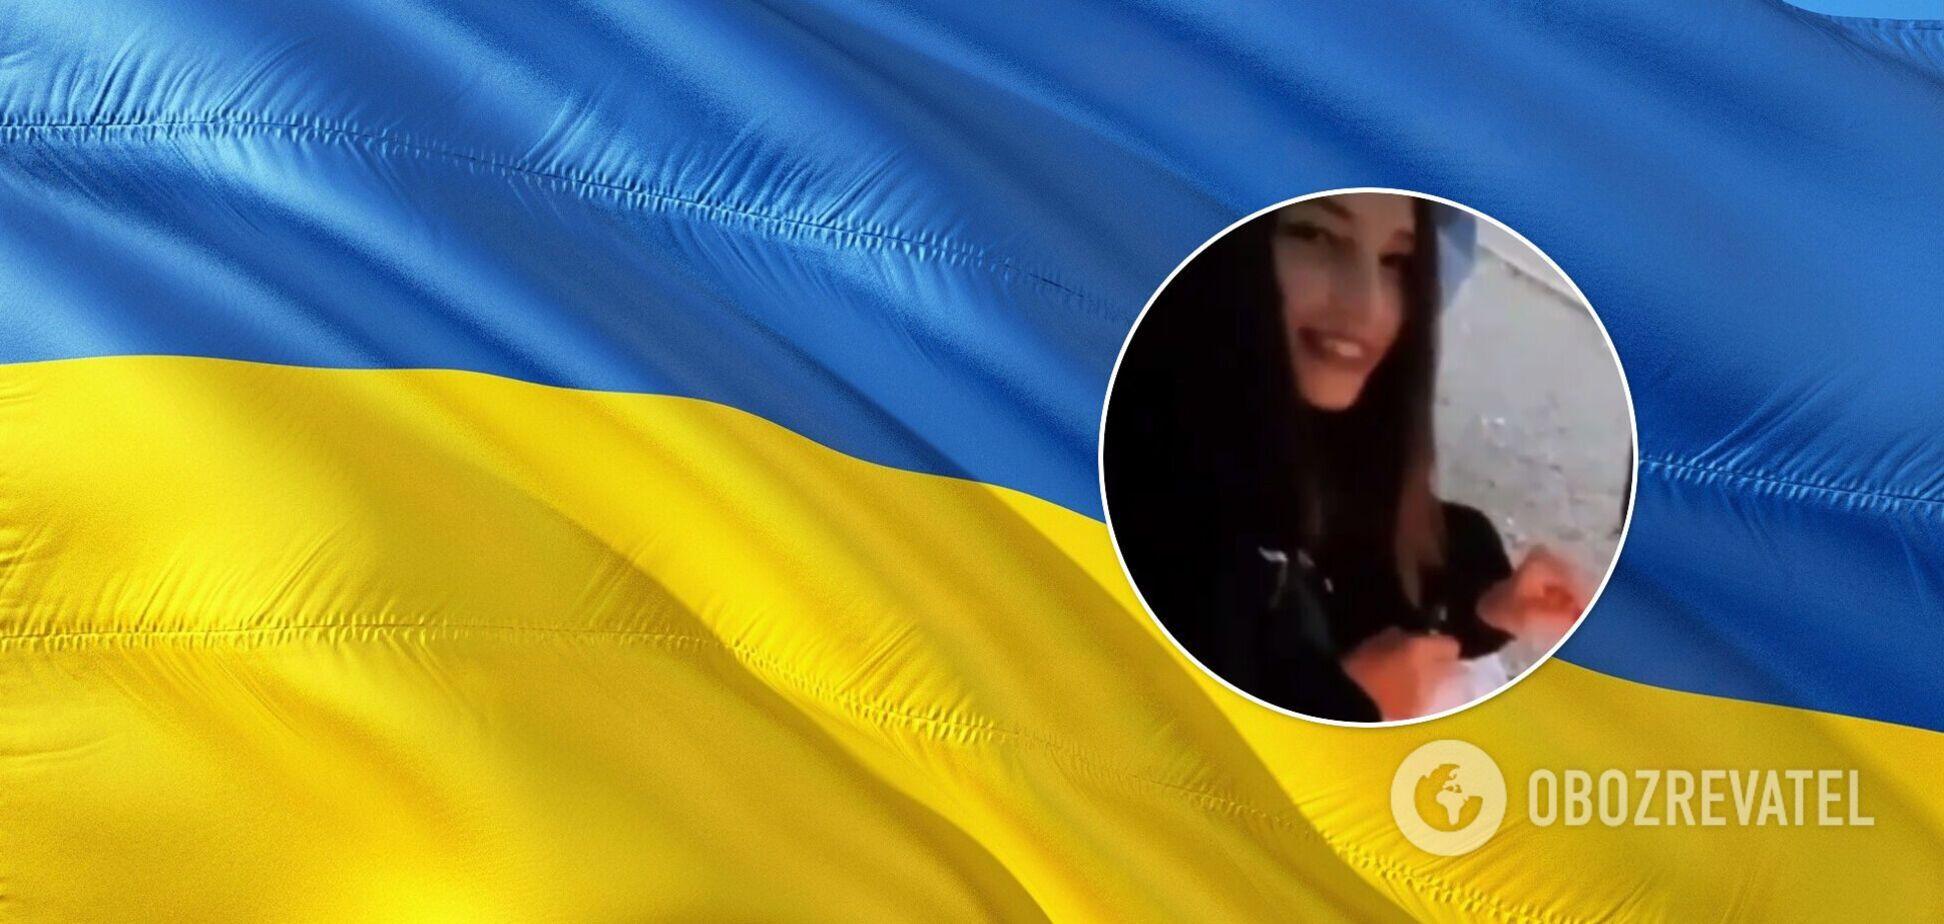 Девушка осквернила государственный флаг